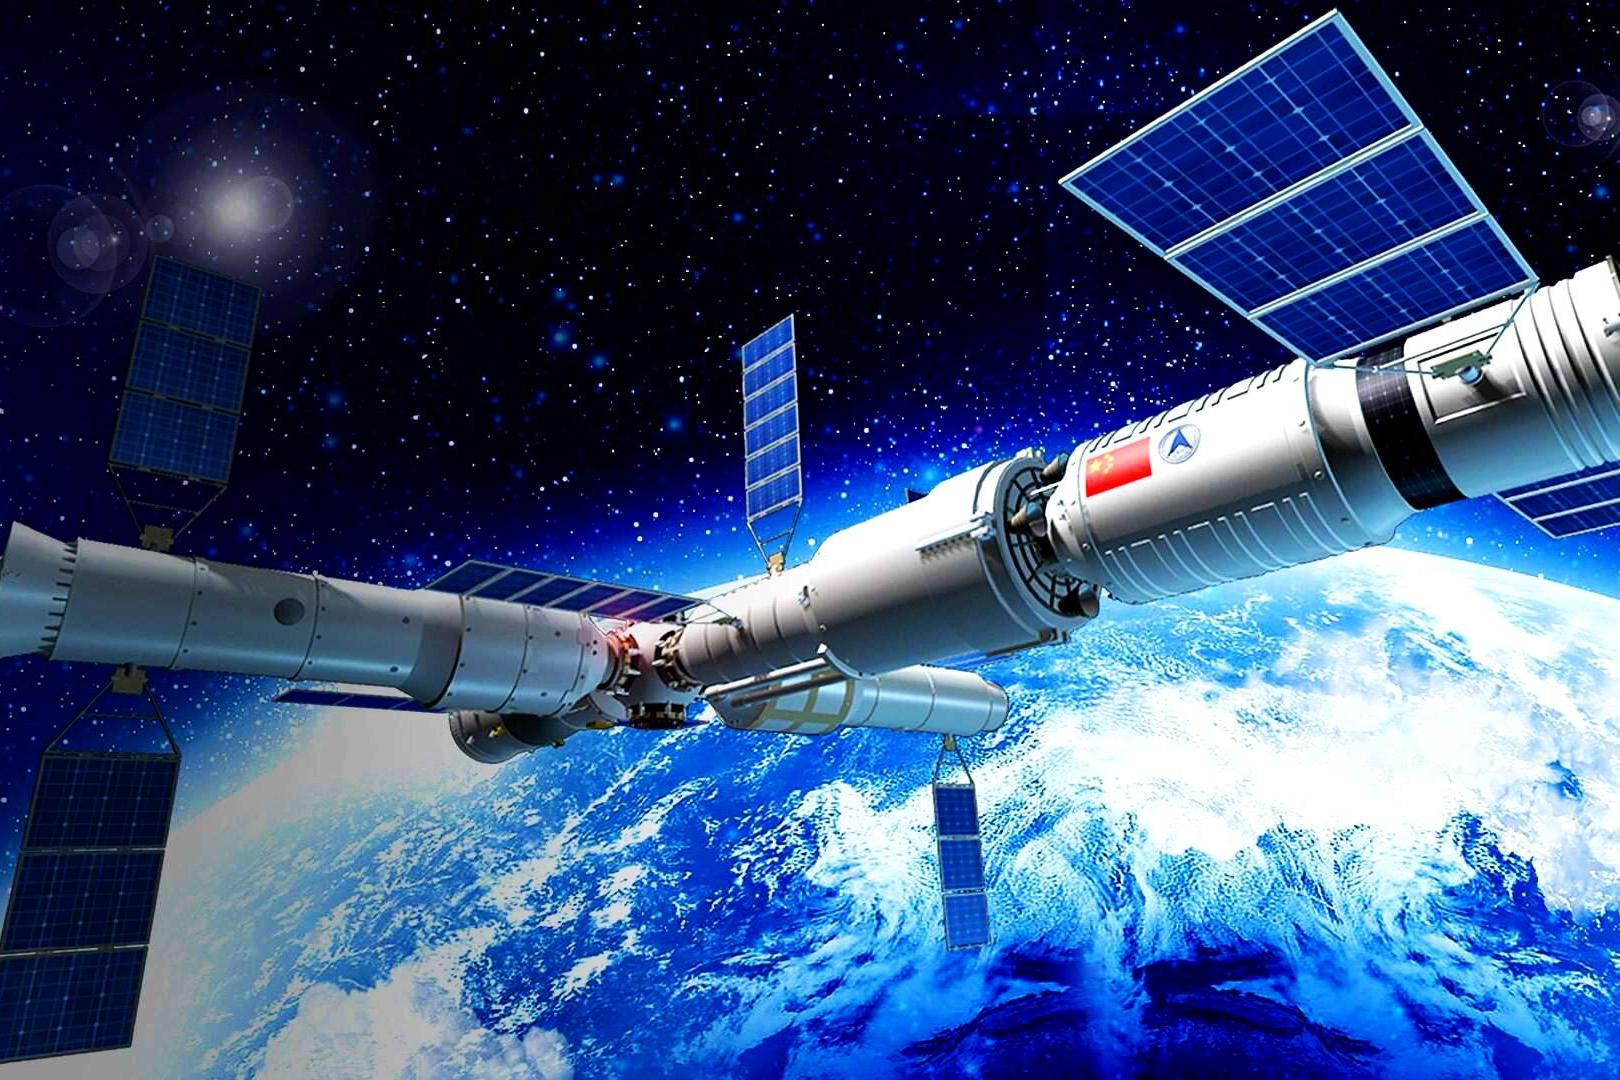 意大利知恩图报,中国空间站迎来强援,美眼红:能不能算我一个?